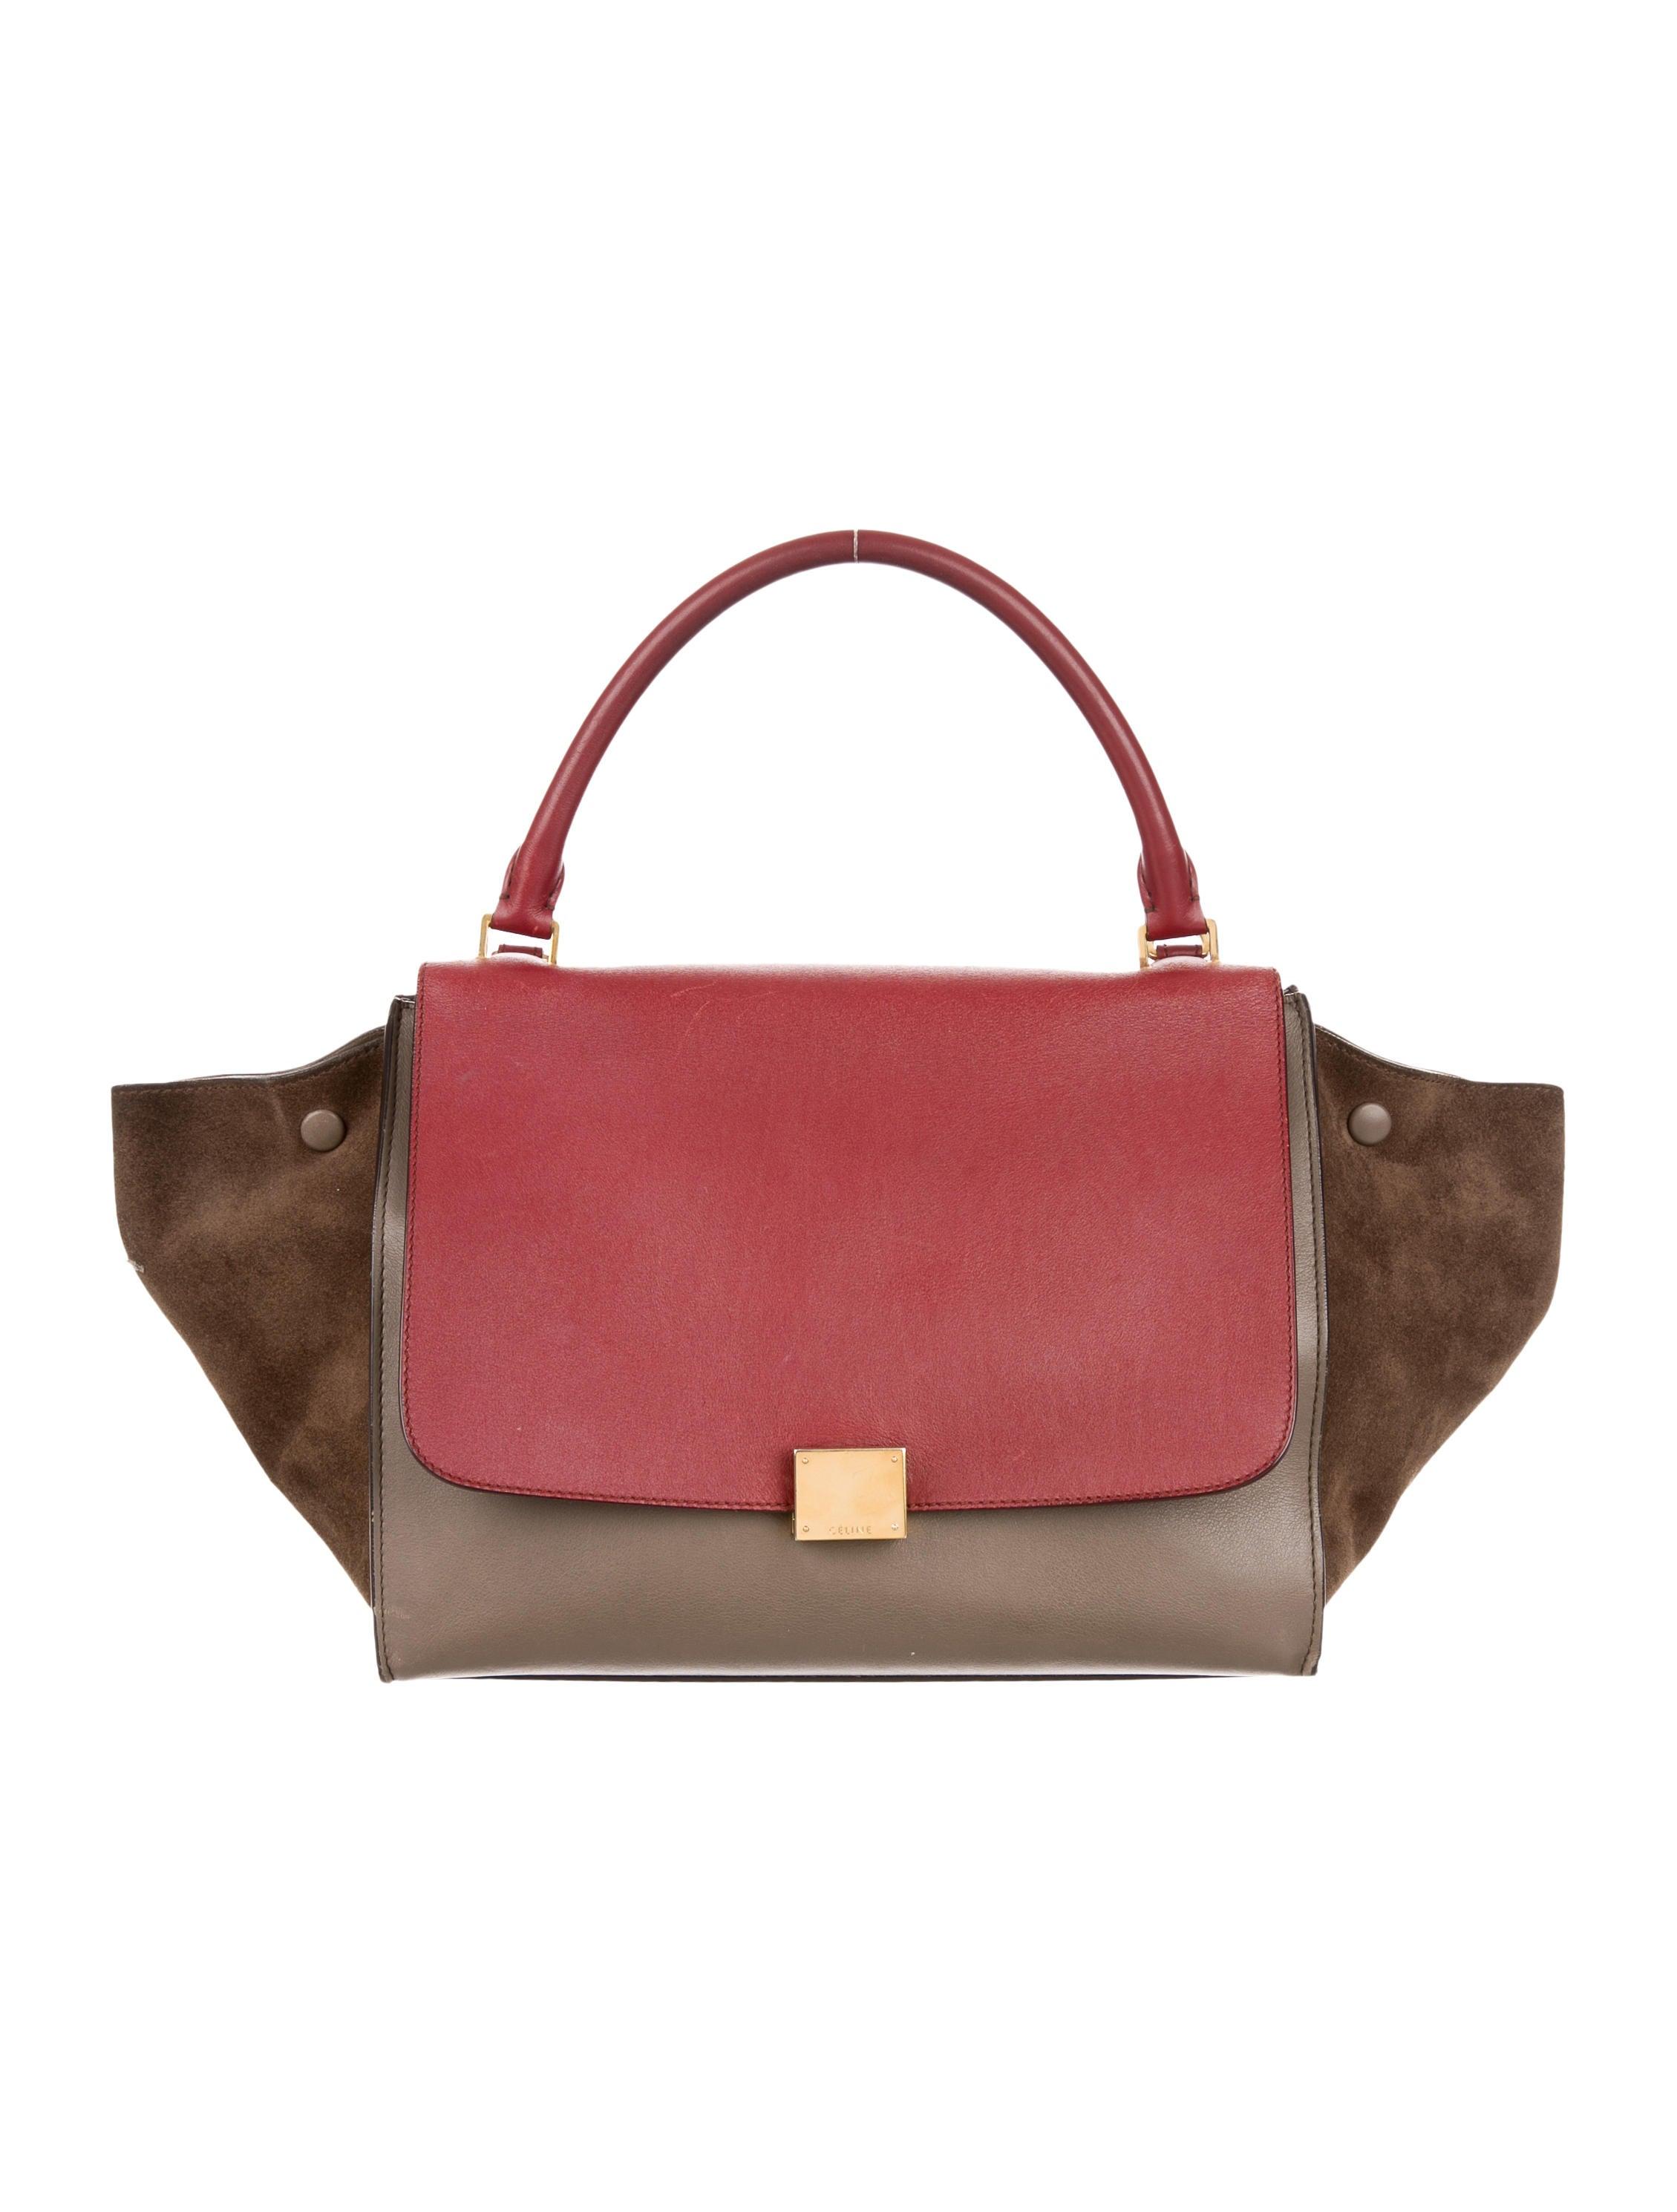 Cu00e9line Medium Trapeze Bag - Handbags - CEL48252 : The RealReal